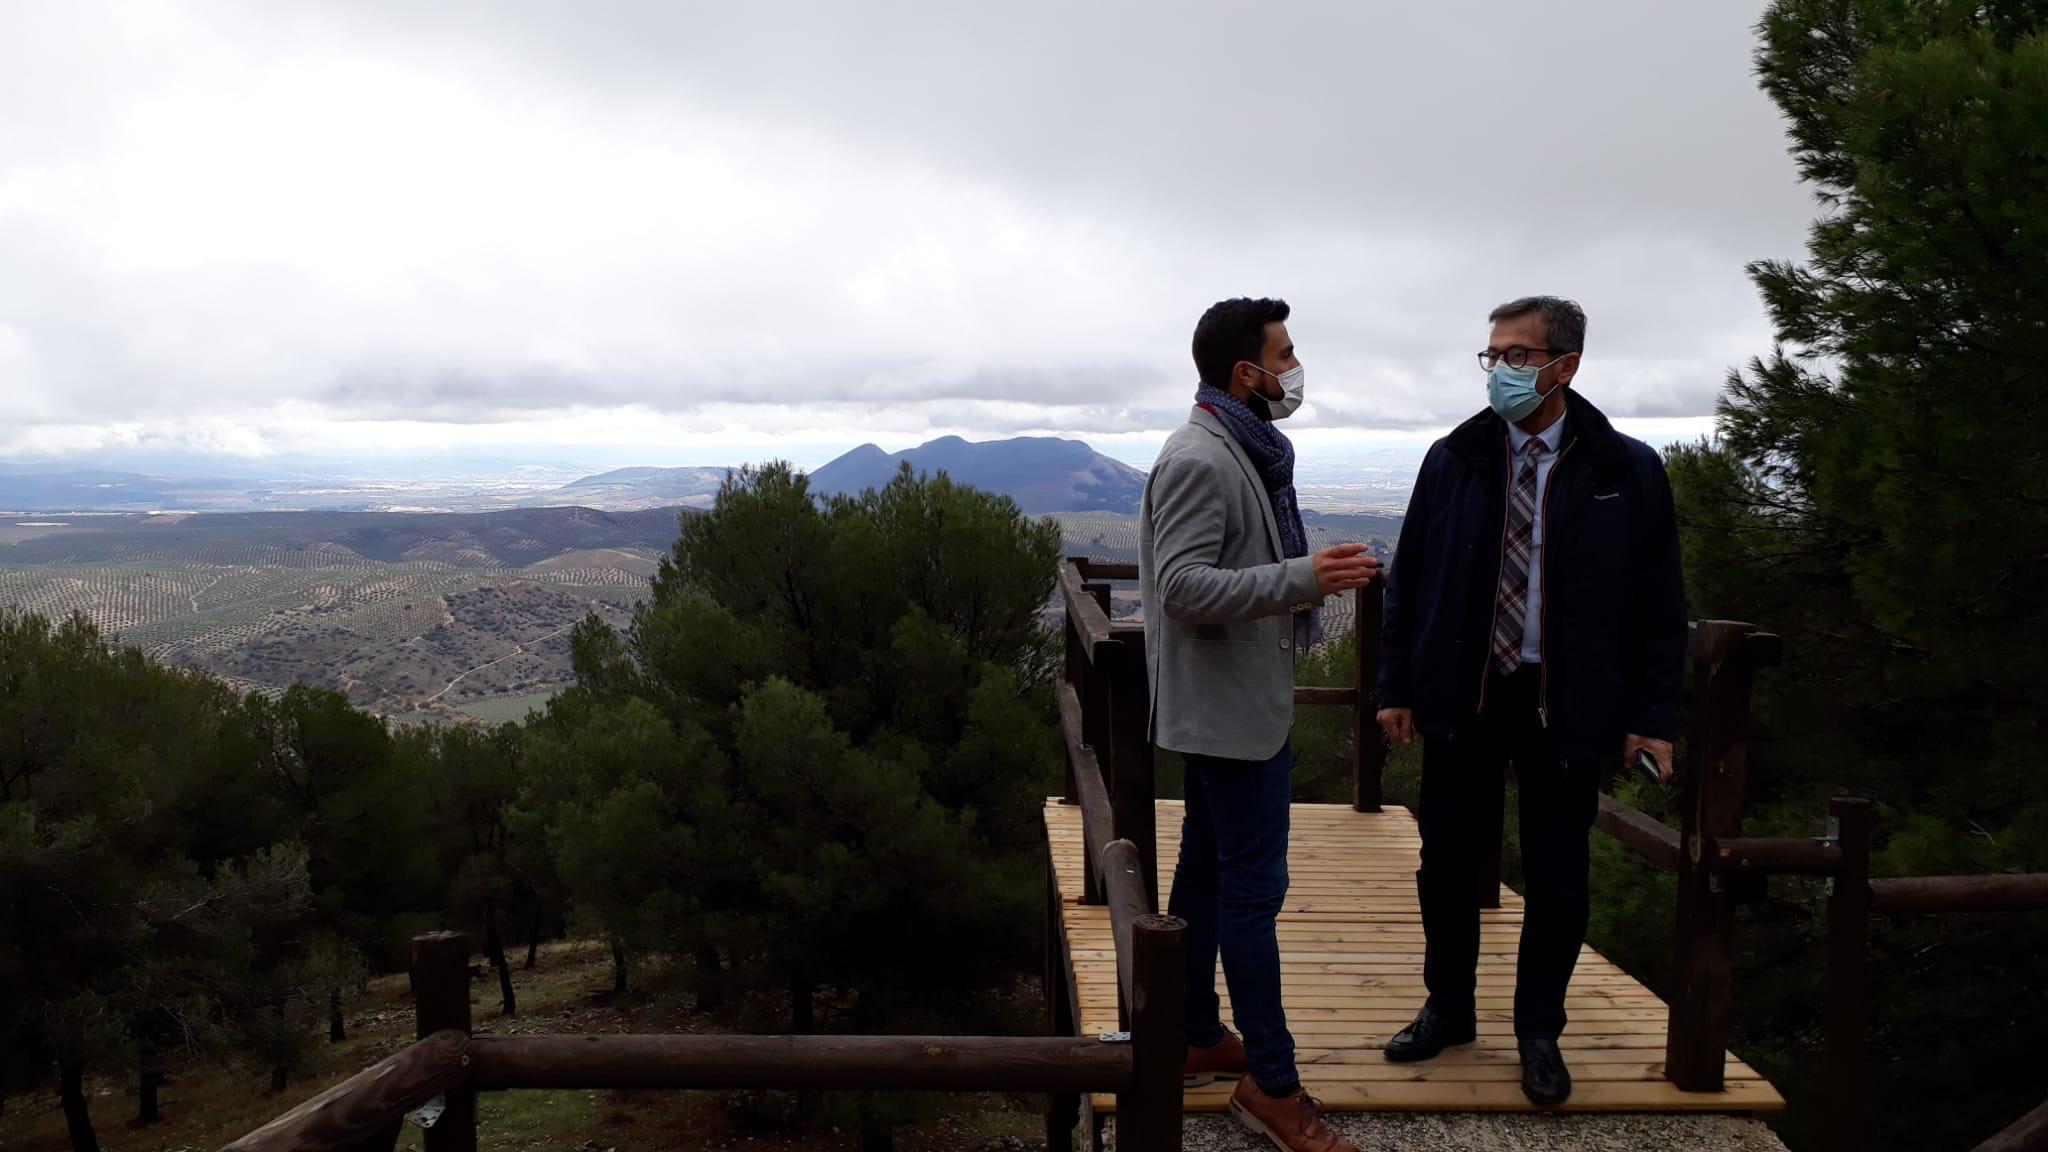 La Junta invierte más de 215.000 euros en infraestructuras y proyectos turísticos en Moclín